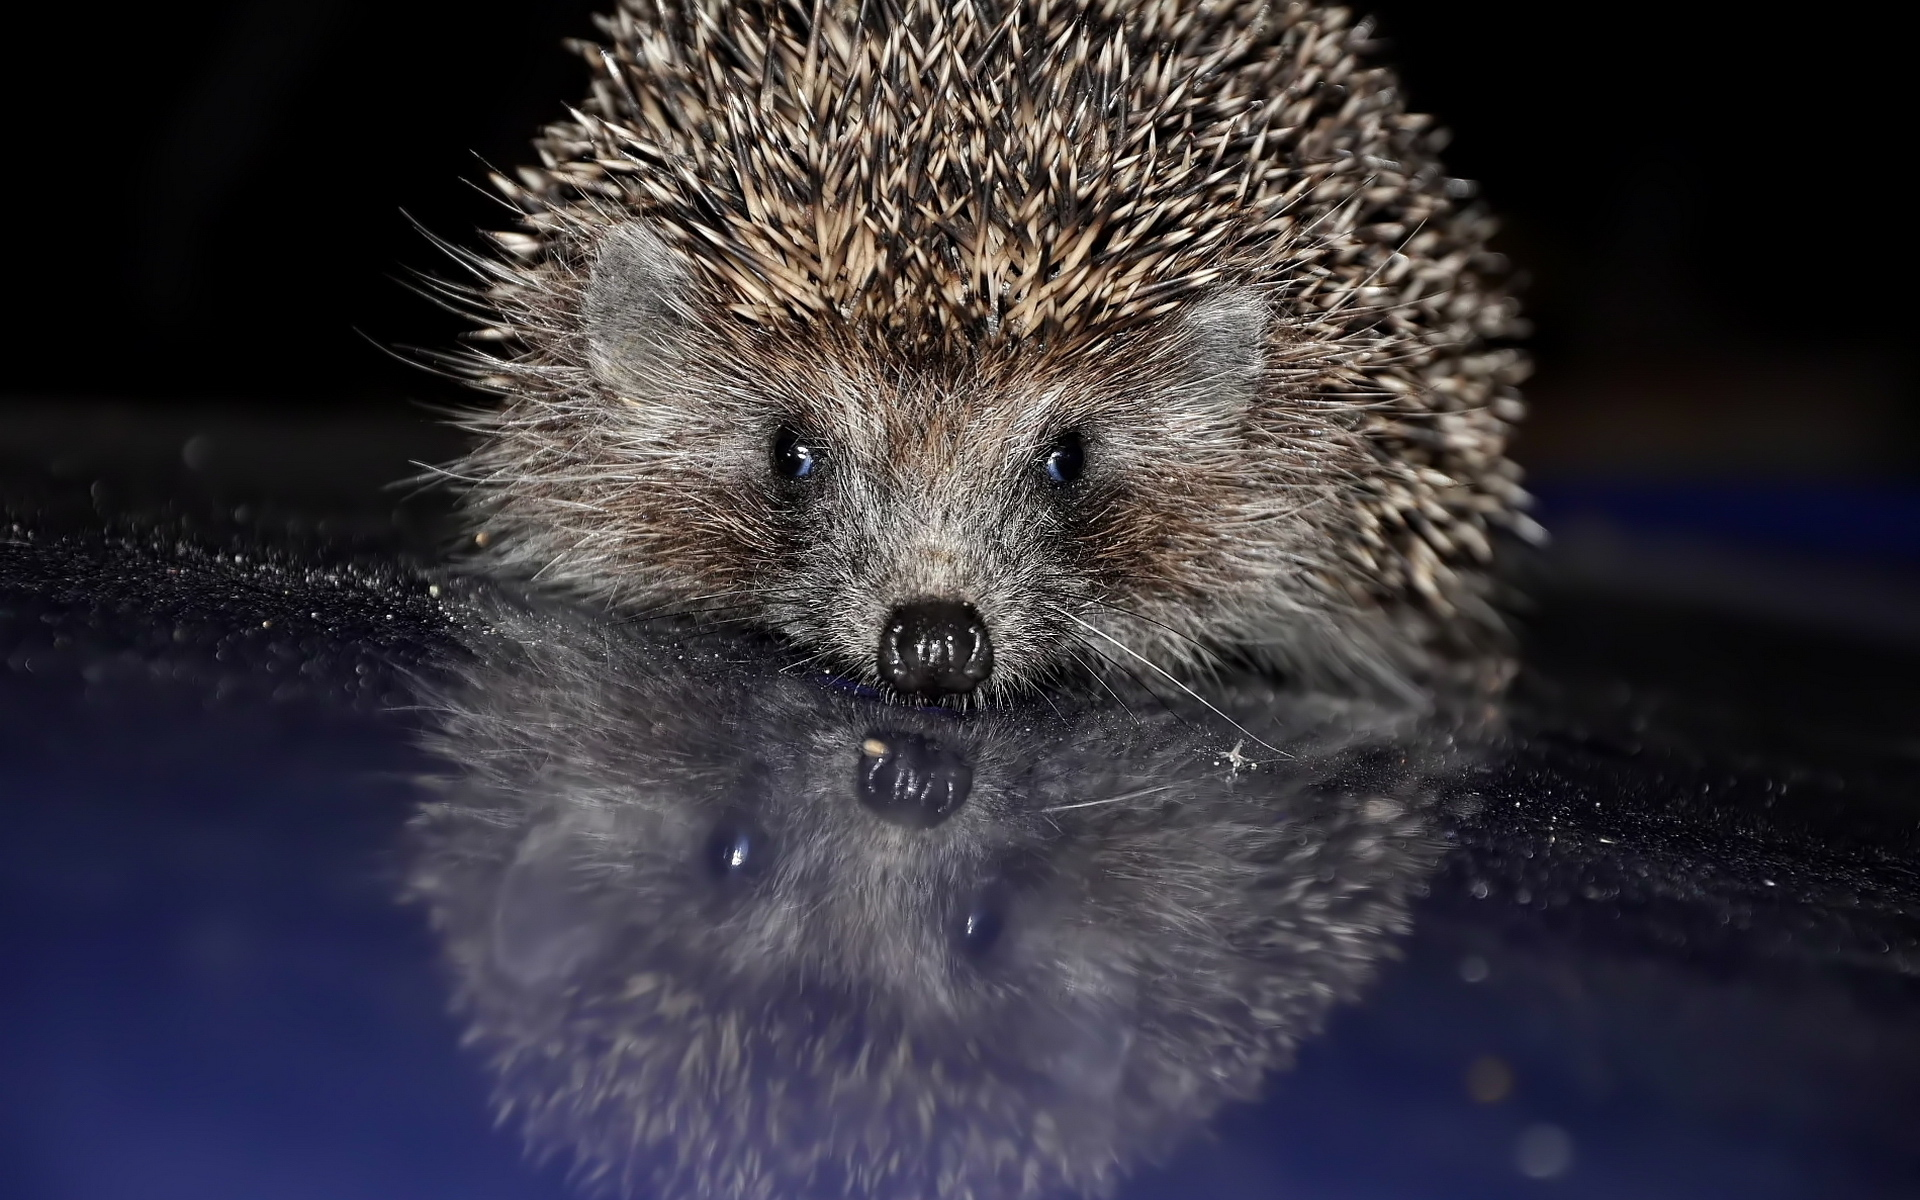 hedgehog wallpaper for computer wallpapersafari